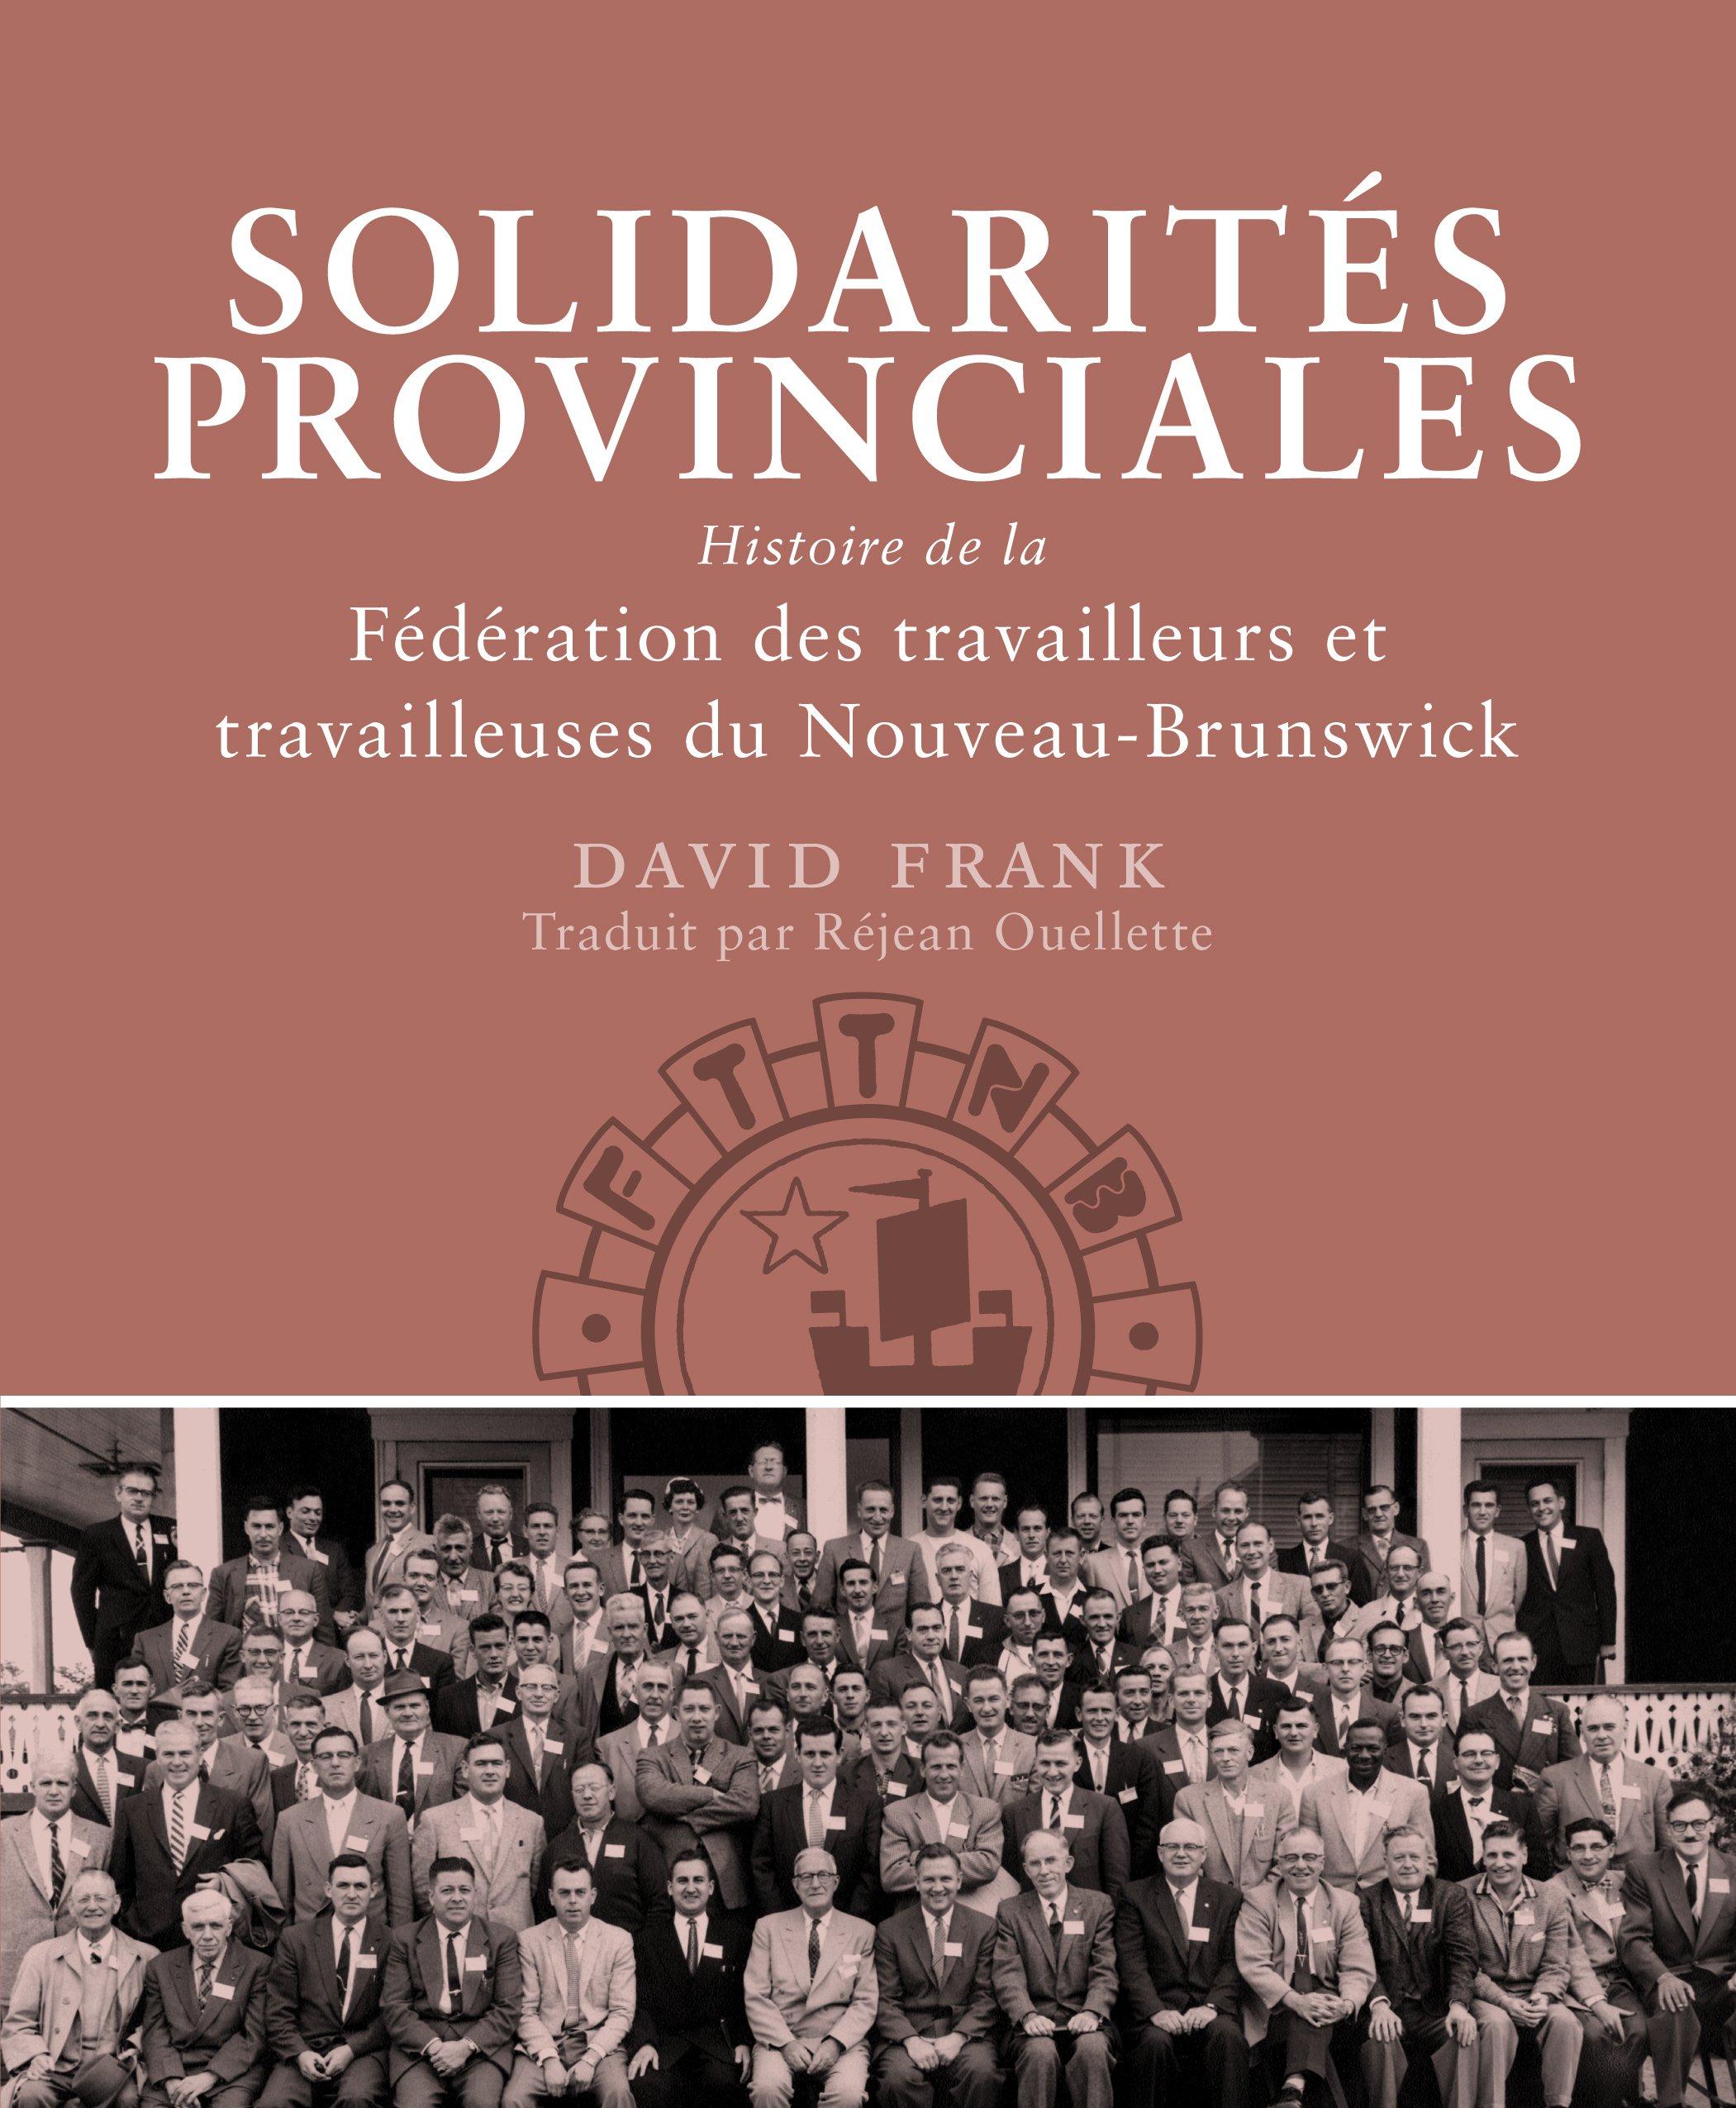 Solidarités provinciales: Histoire de la Fédération des travailleurs et travailleuses du Nouveau-Brunswick (Working Canadians: Books from the CCLH) (French Edition)